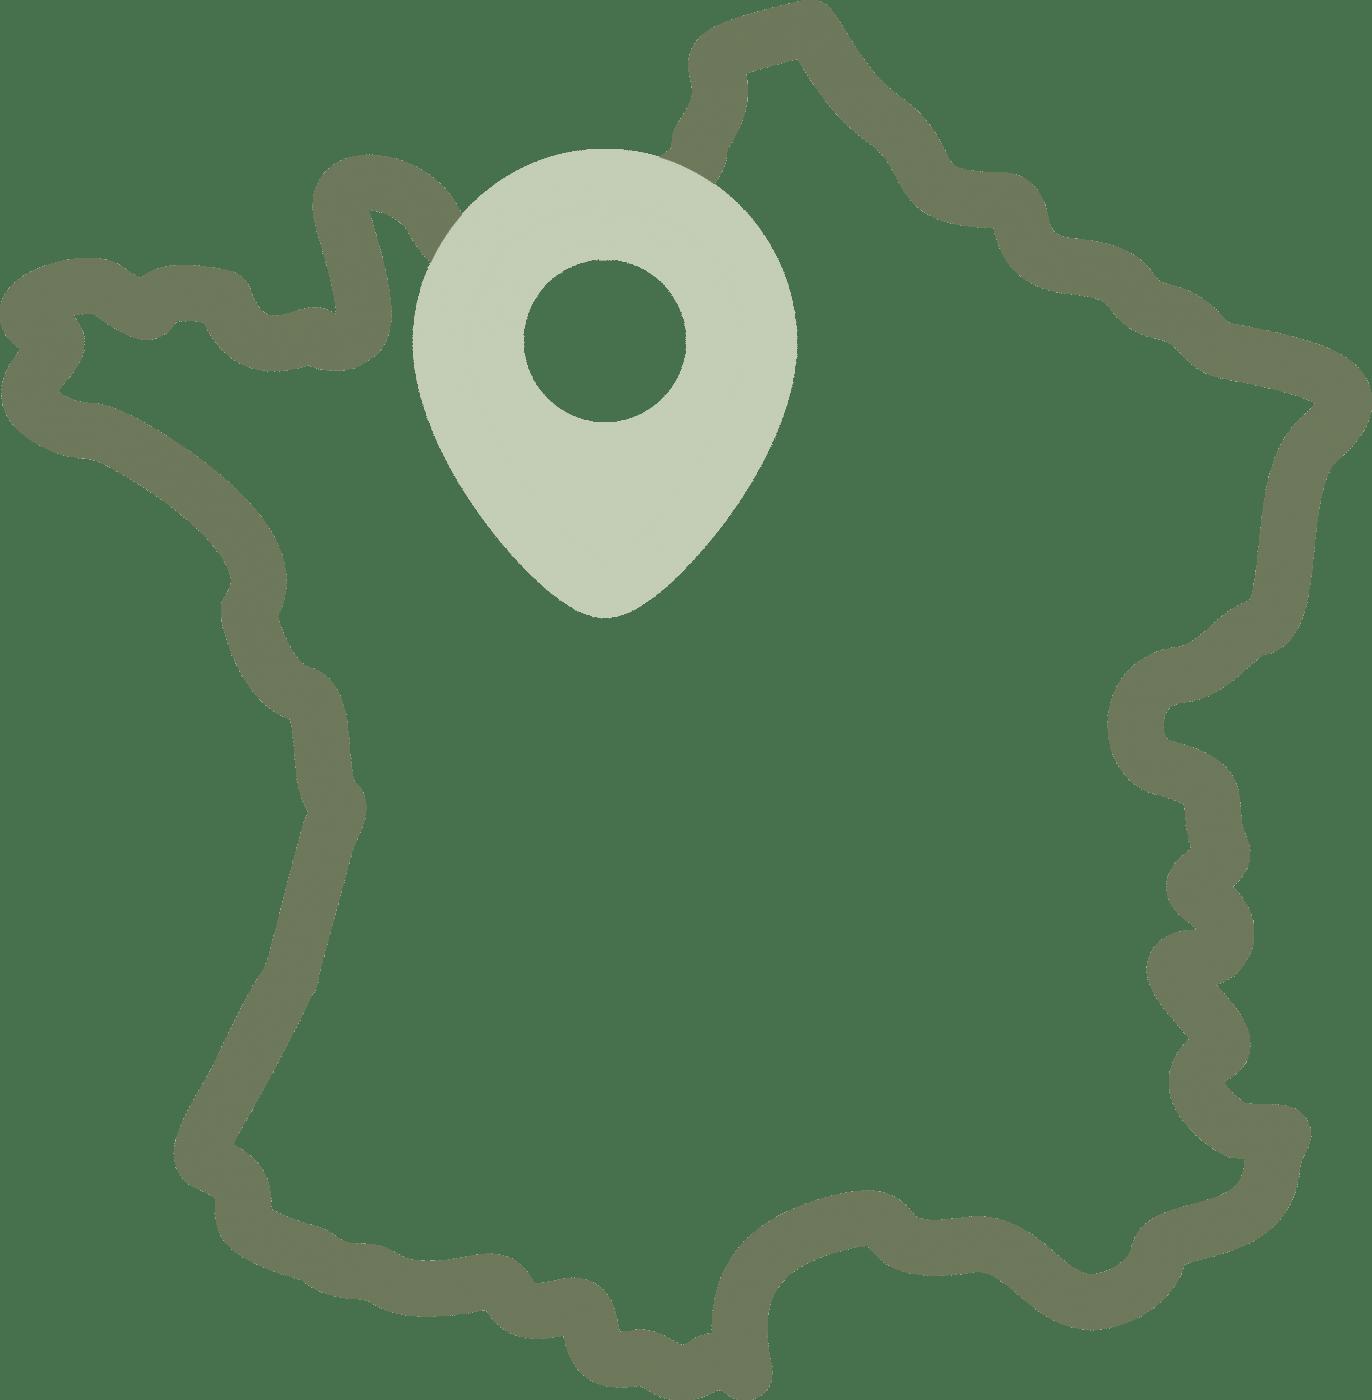 Icone carnet de voyage conçu en France